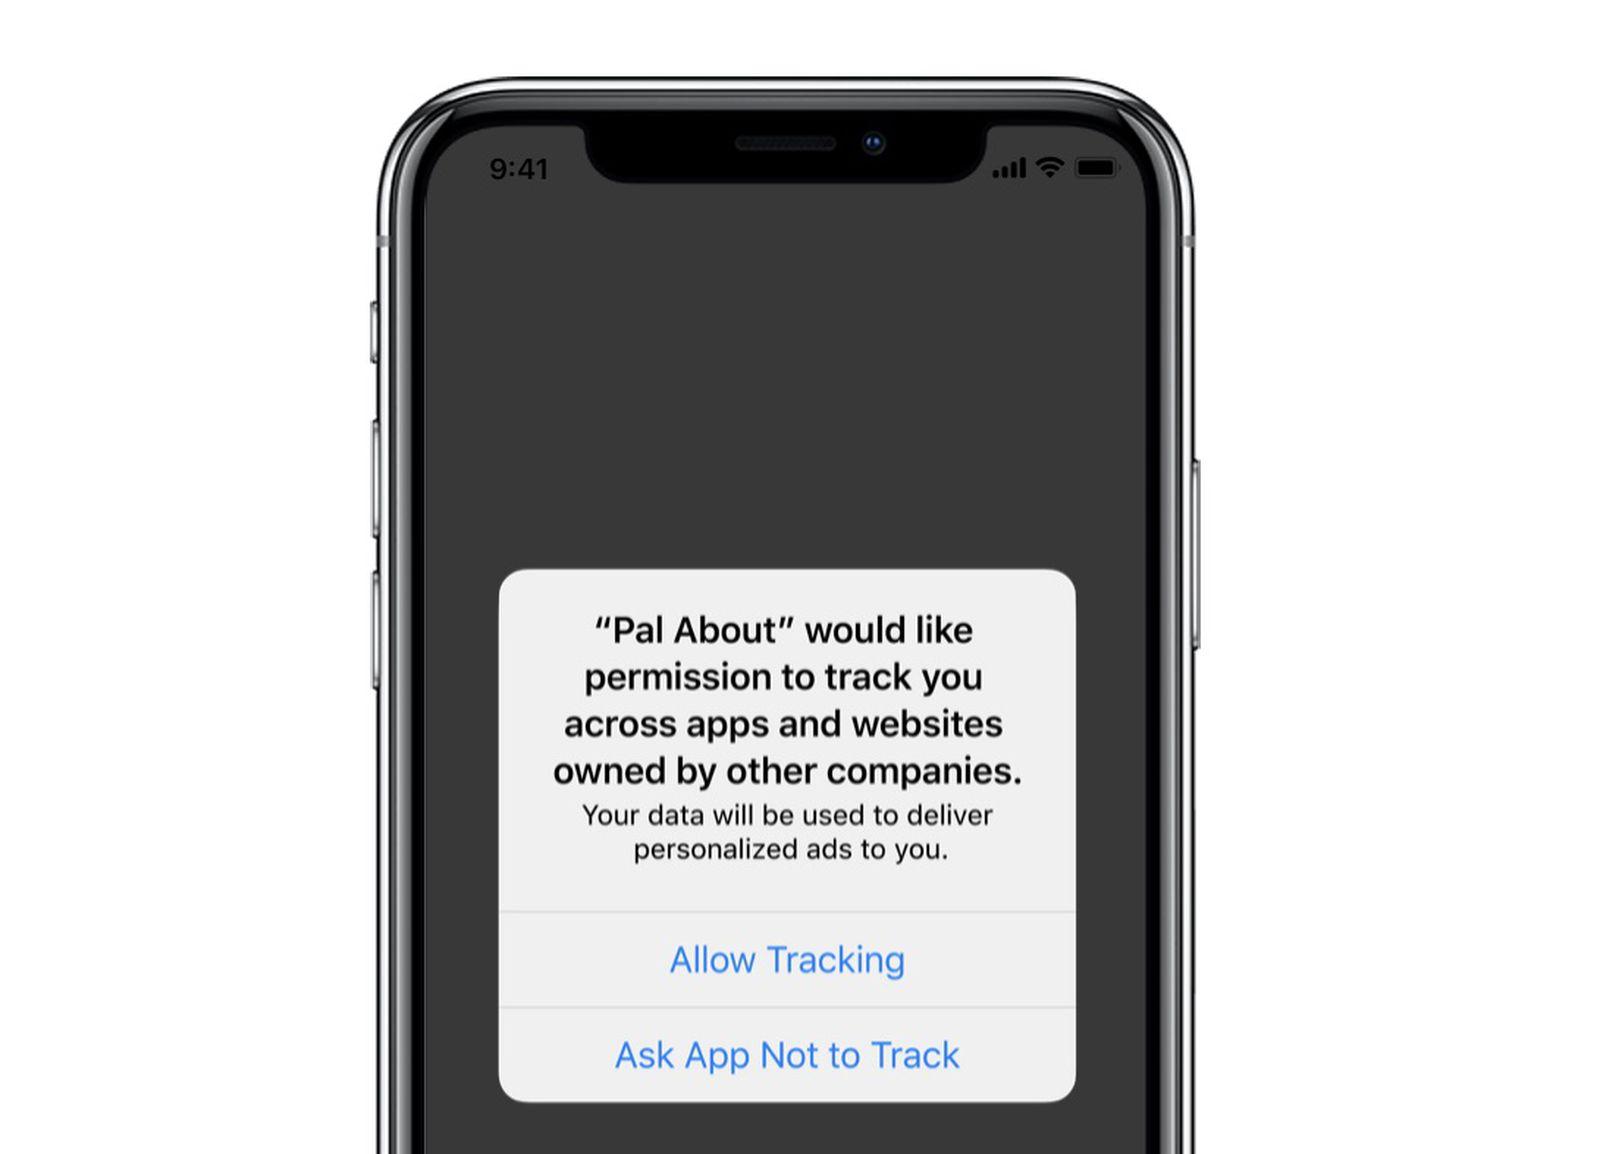 iOS 14 frissítés – engedélyezés engedélyezések hátán